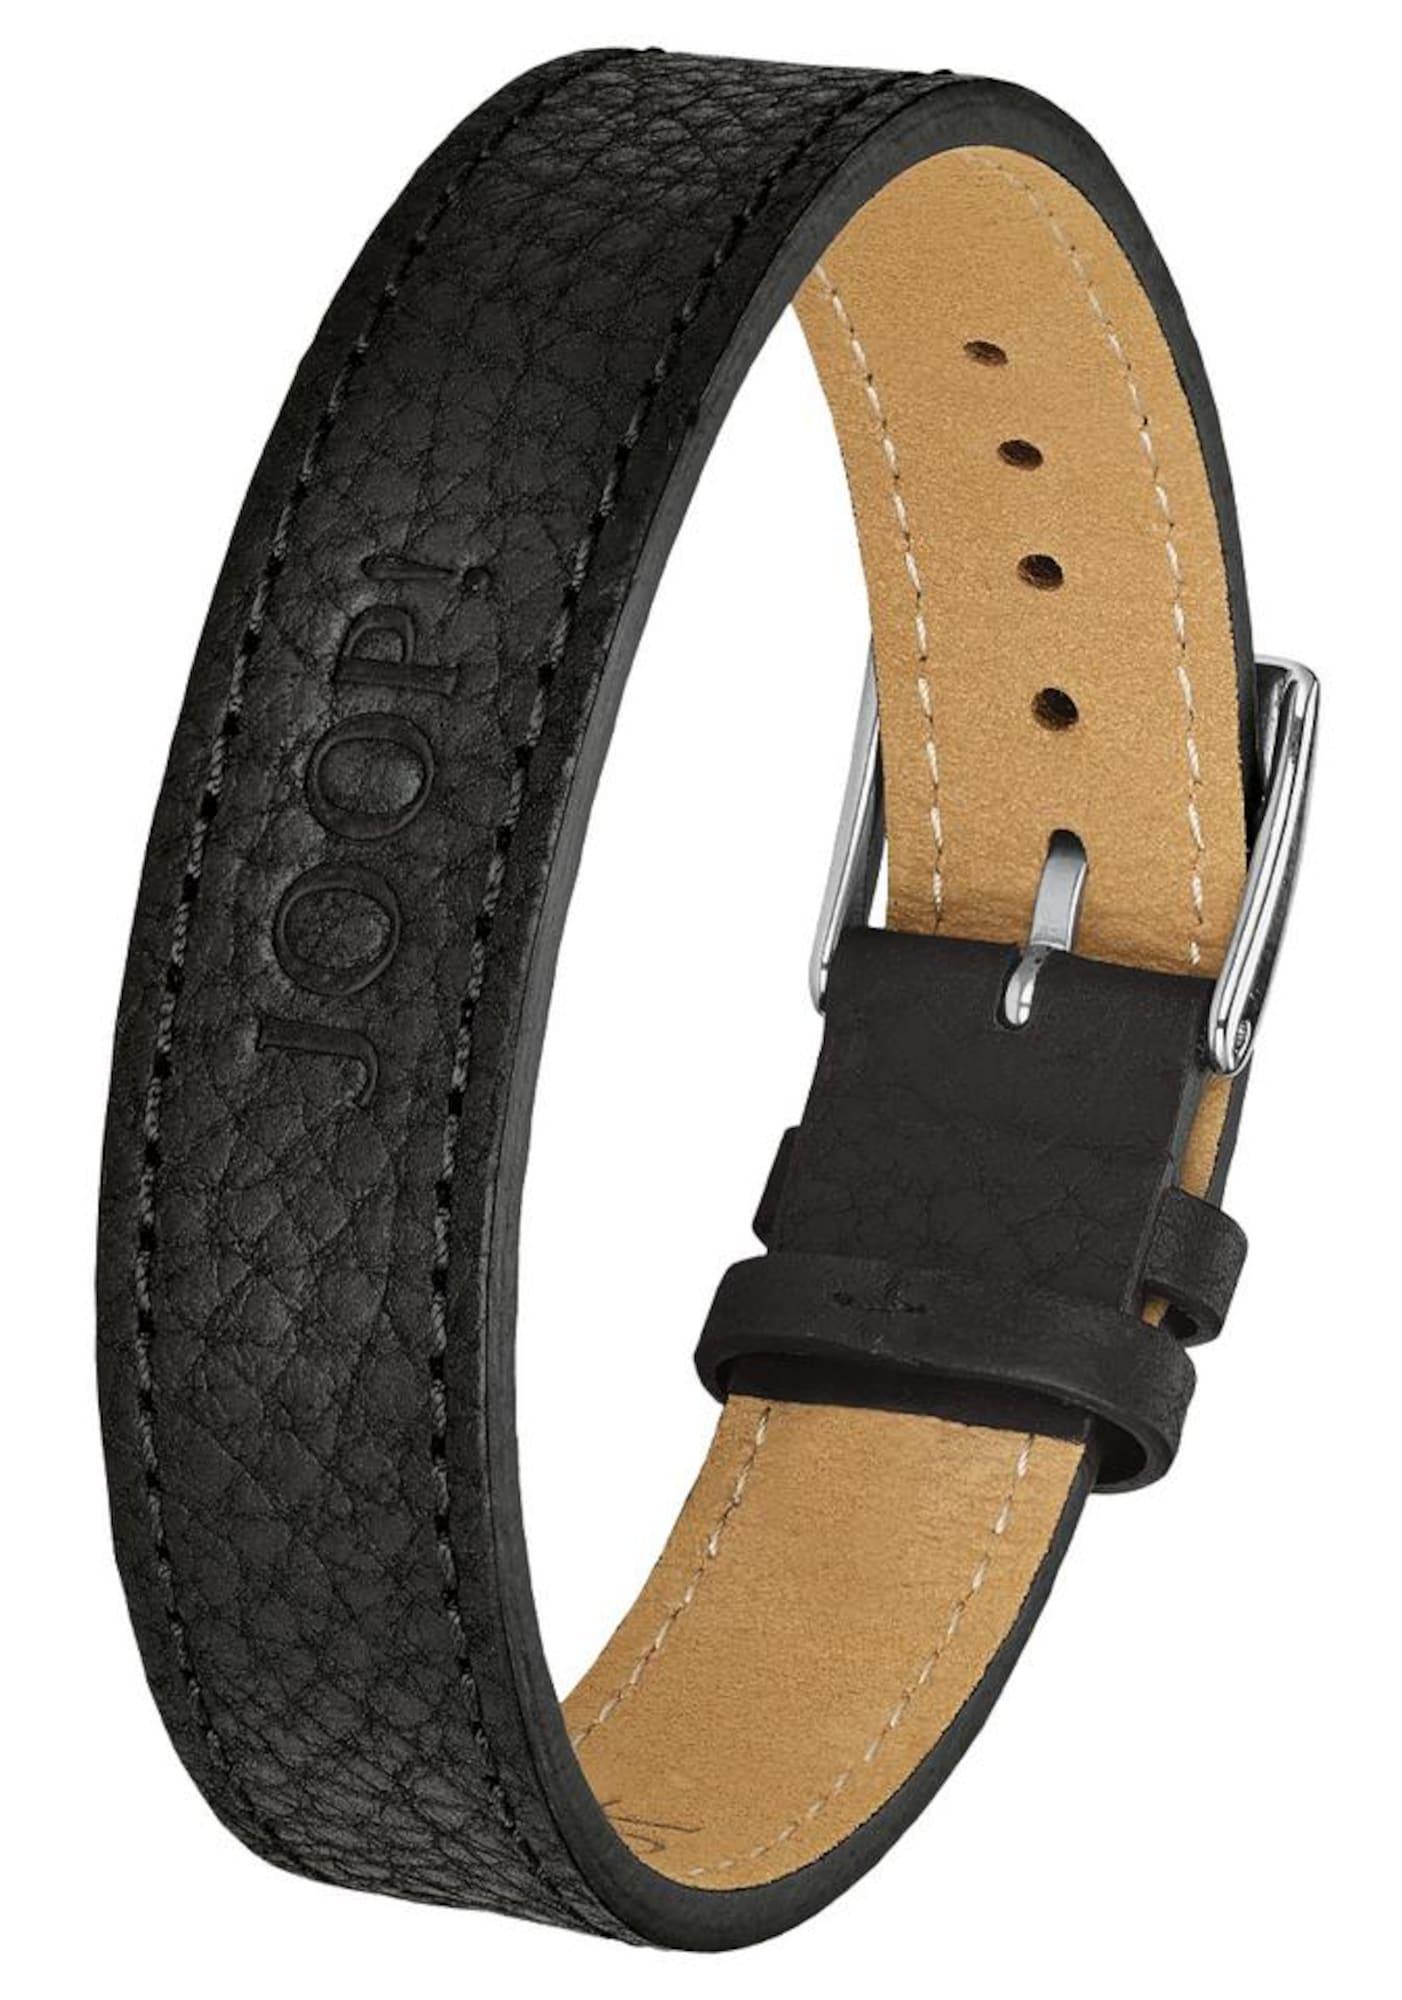 Armband | Schmuck > Armbänder > Sonstige Armbänder | Joop!